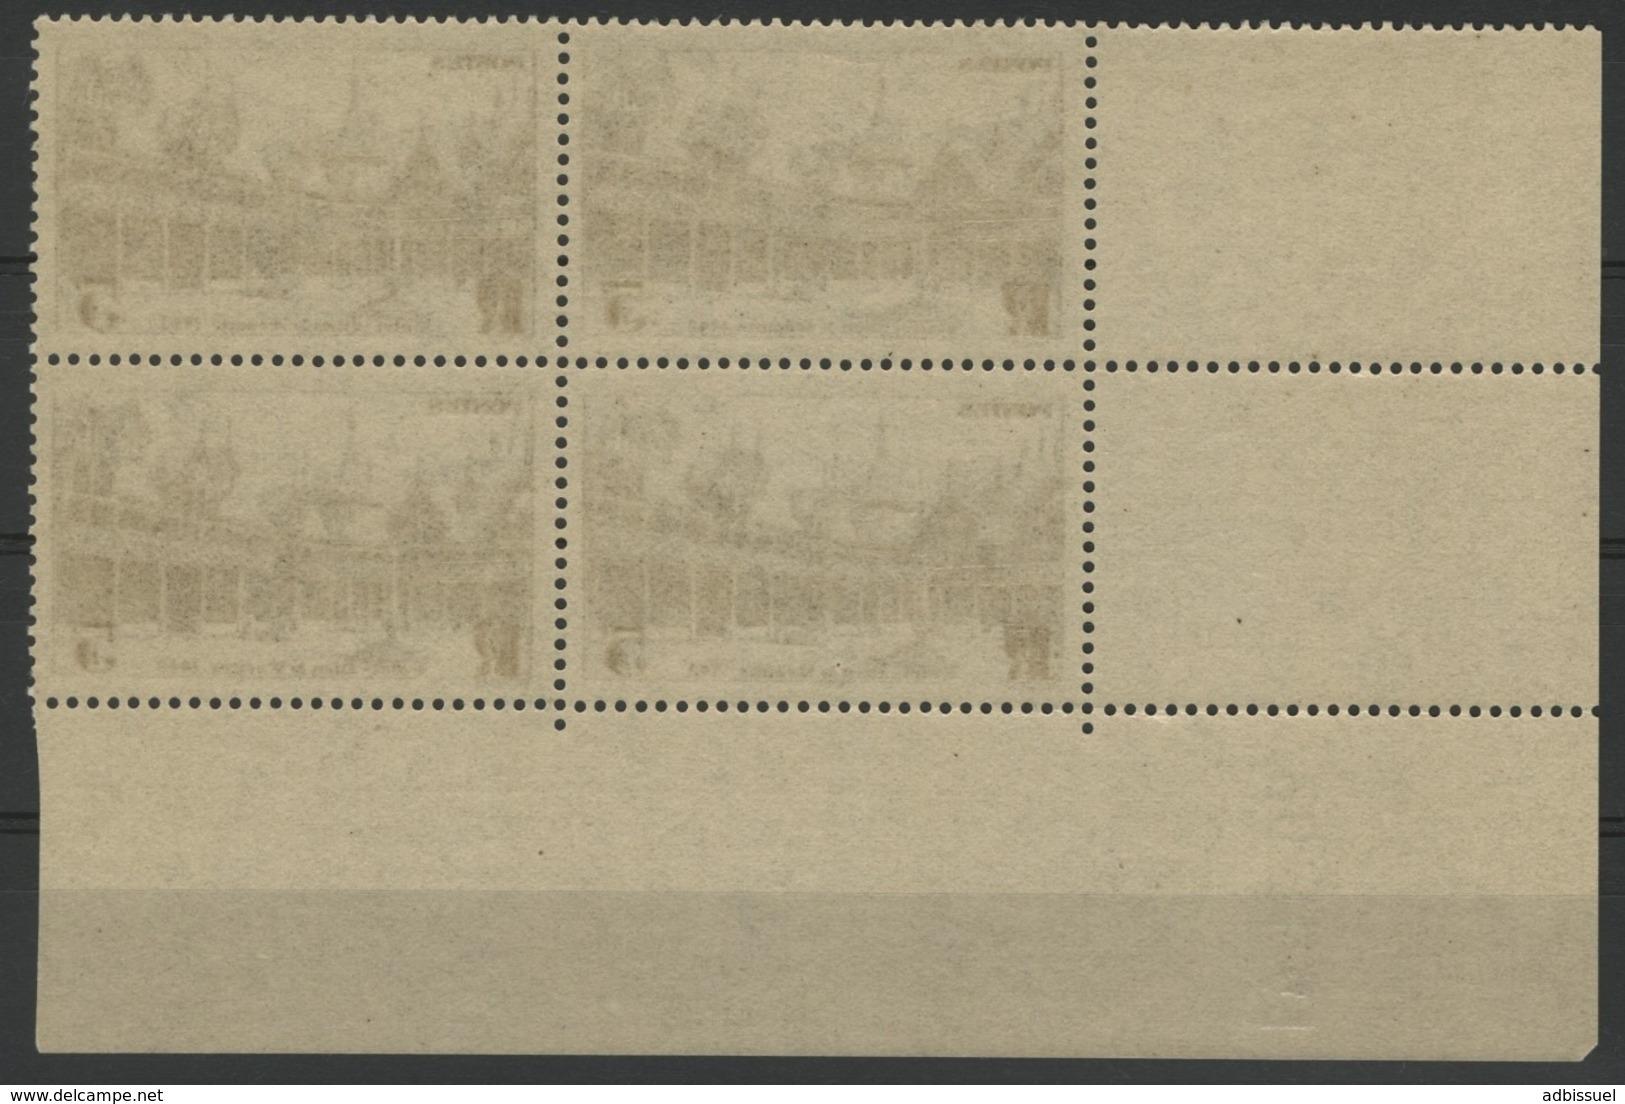 """N° 498 ** (MNH). Coin Daté Du 29/11/41 / Bloc De Quatre """"Hôtel Dieu De Beaunel"""". - Esquina Con Fecha"""